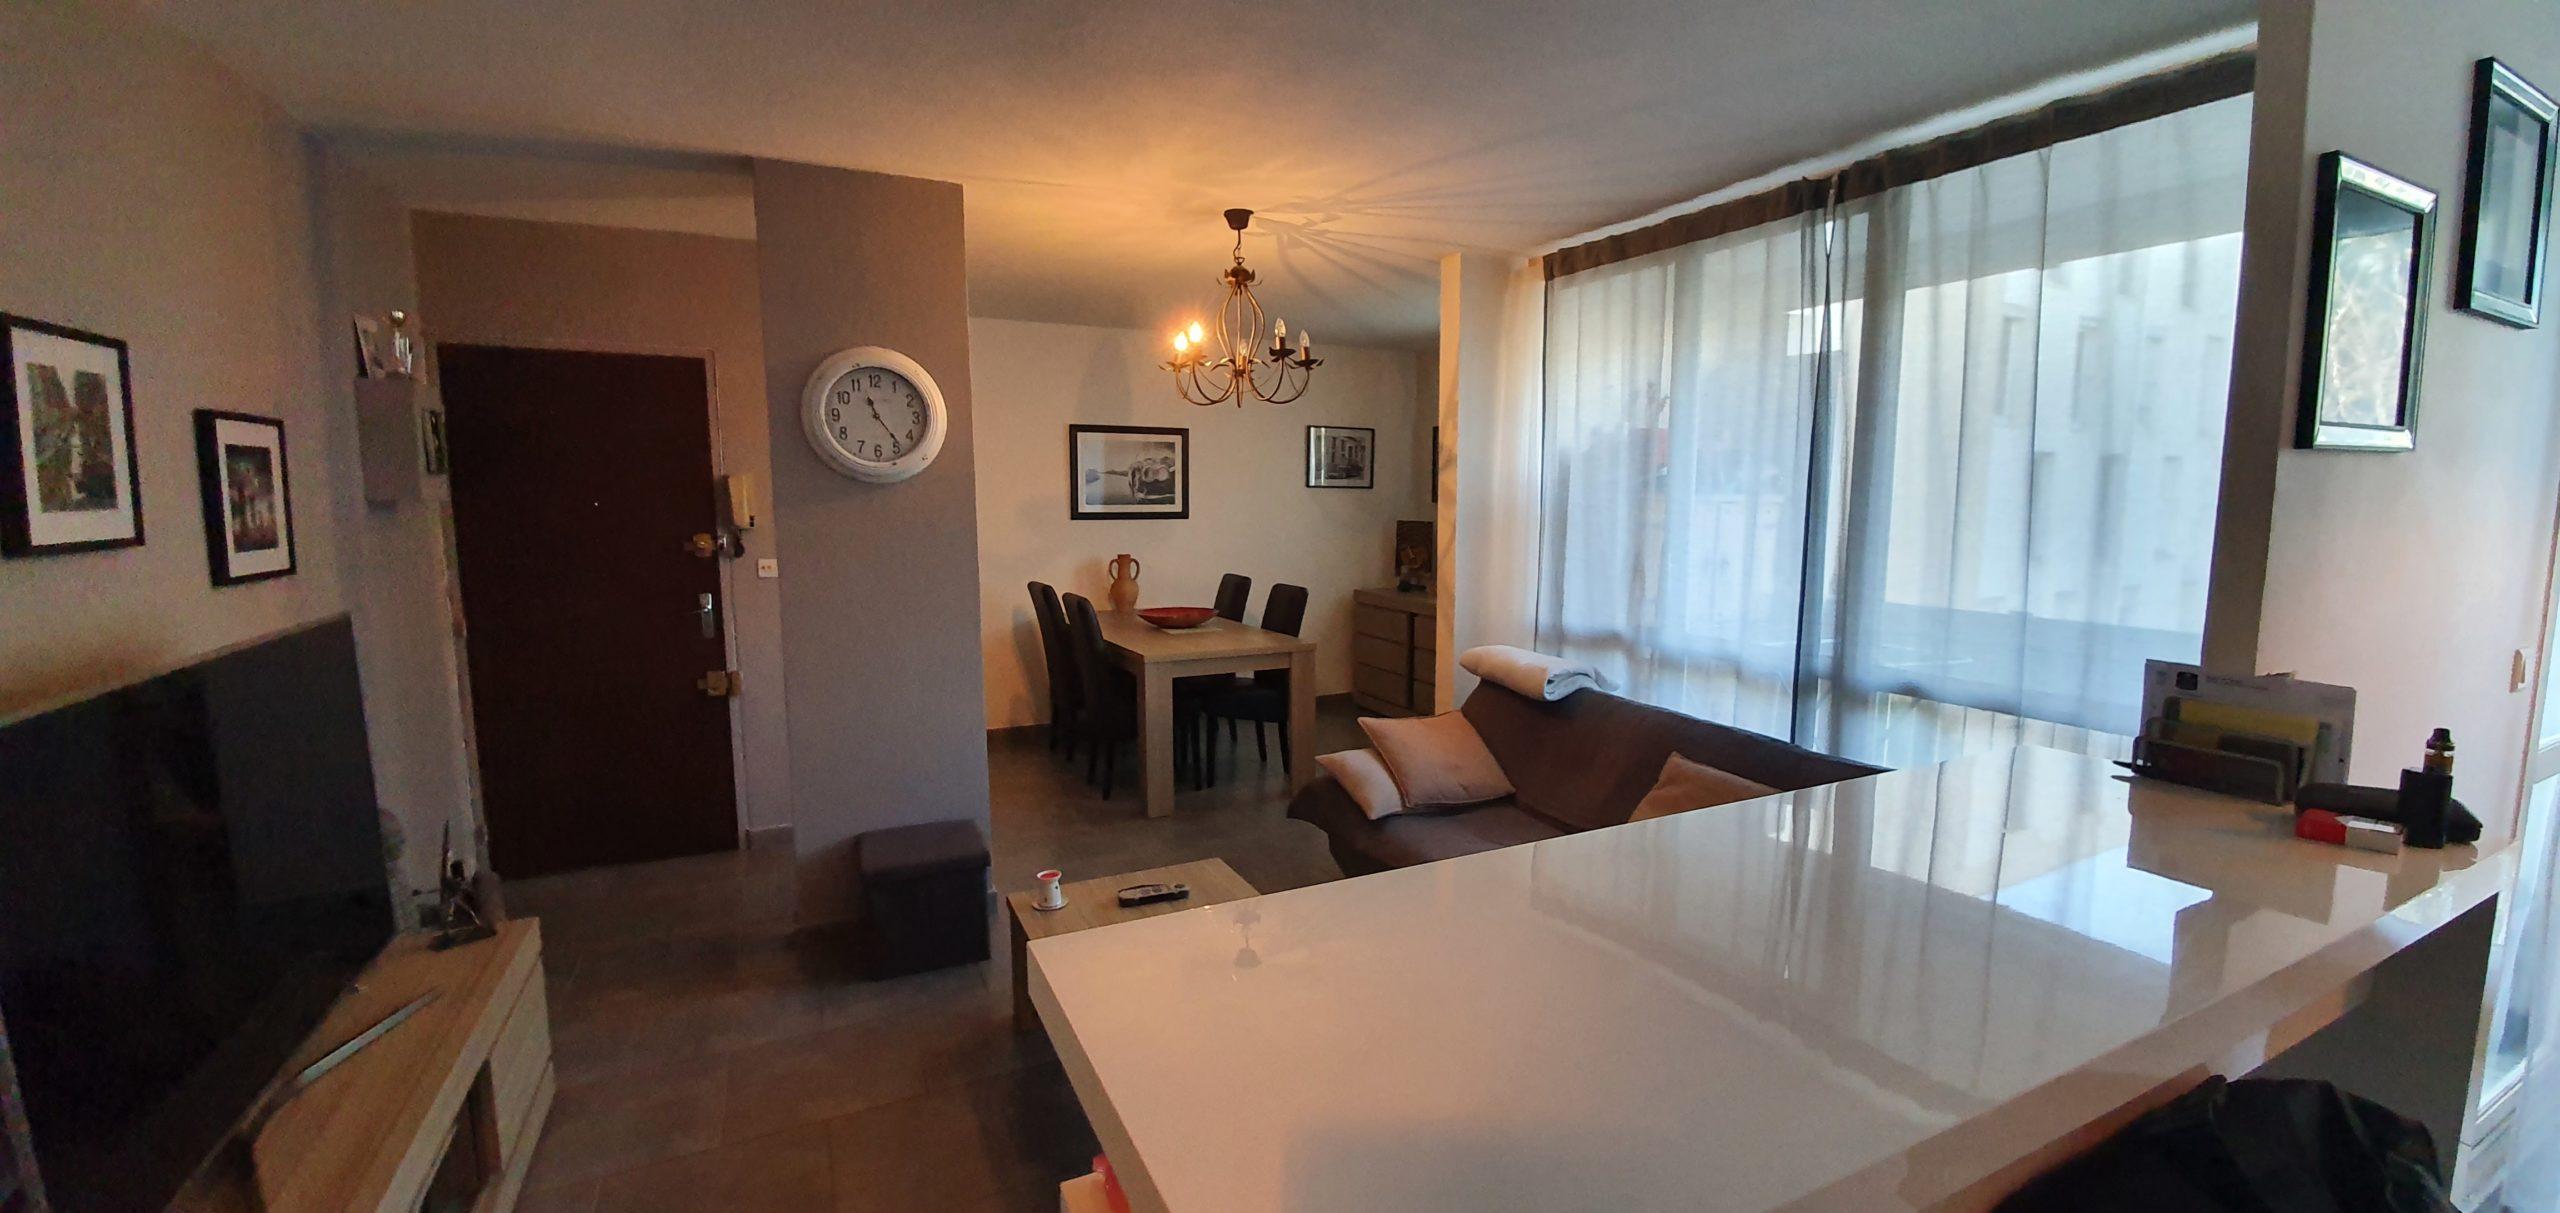 Marignane les pervenches superbe appartement de type  3 en 2 em étage avec place de parking